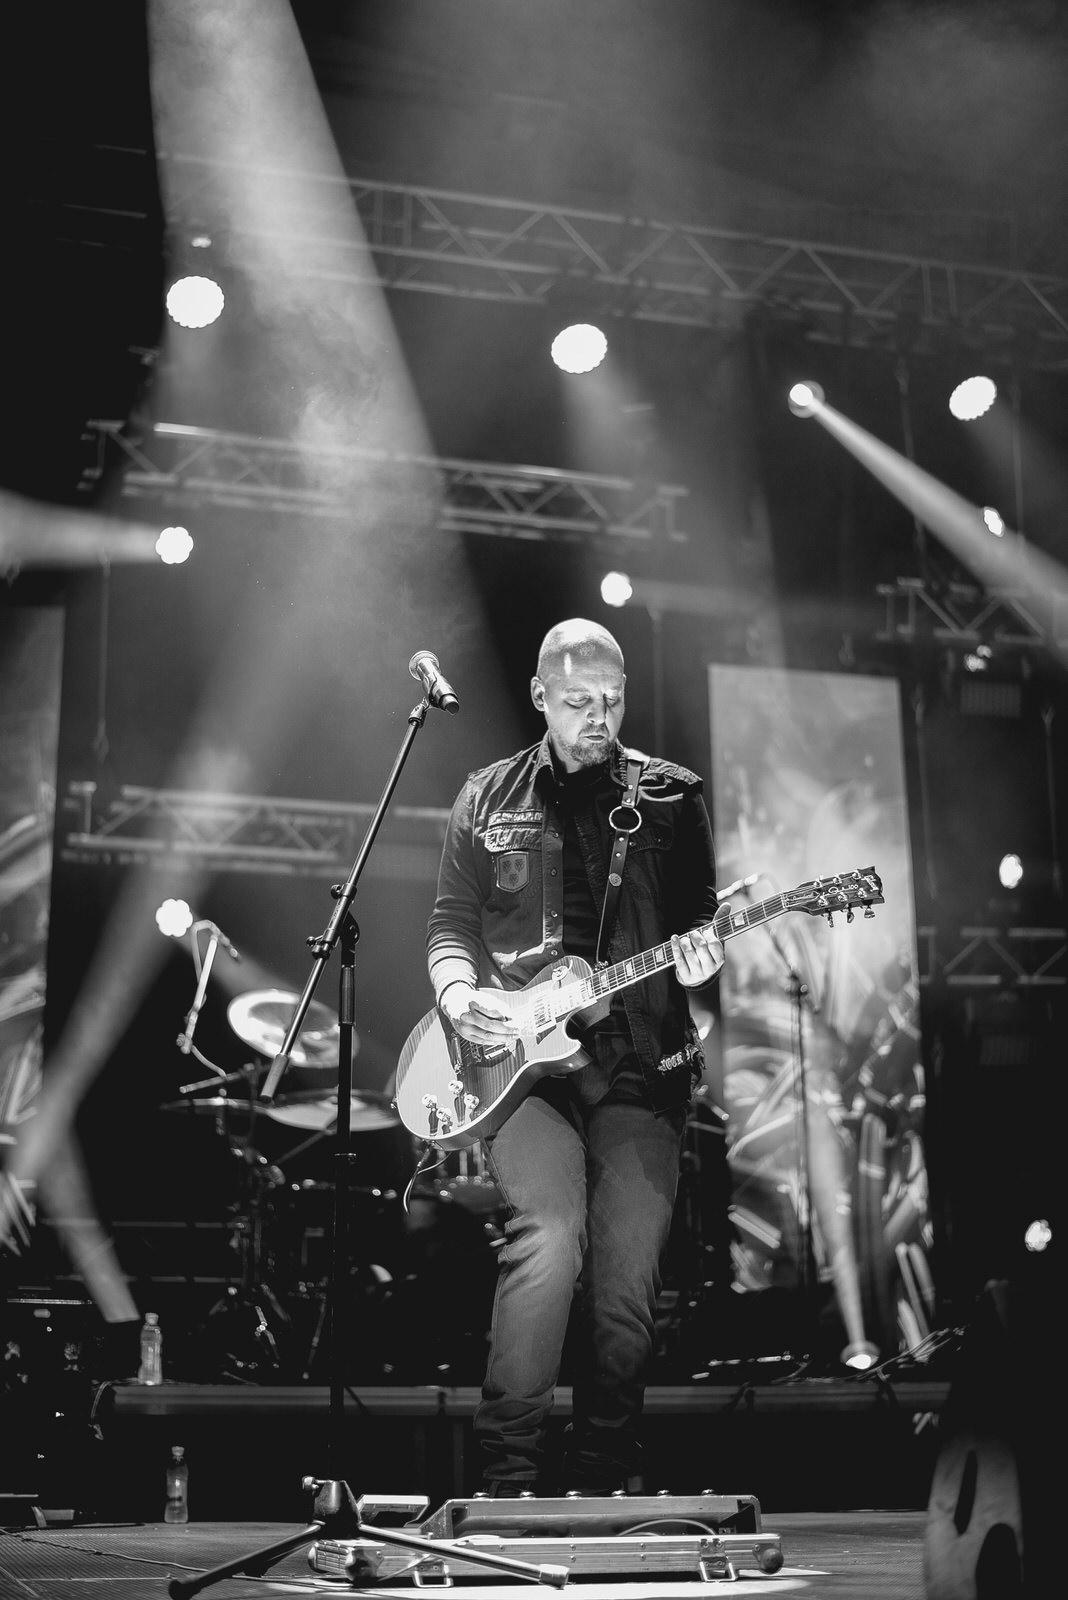 likaclub_gospić_koncert-thompson_2018-24